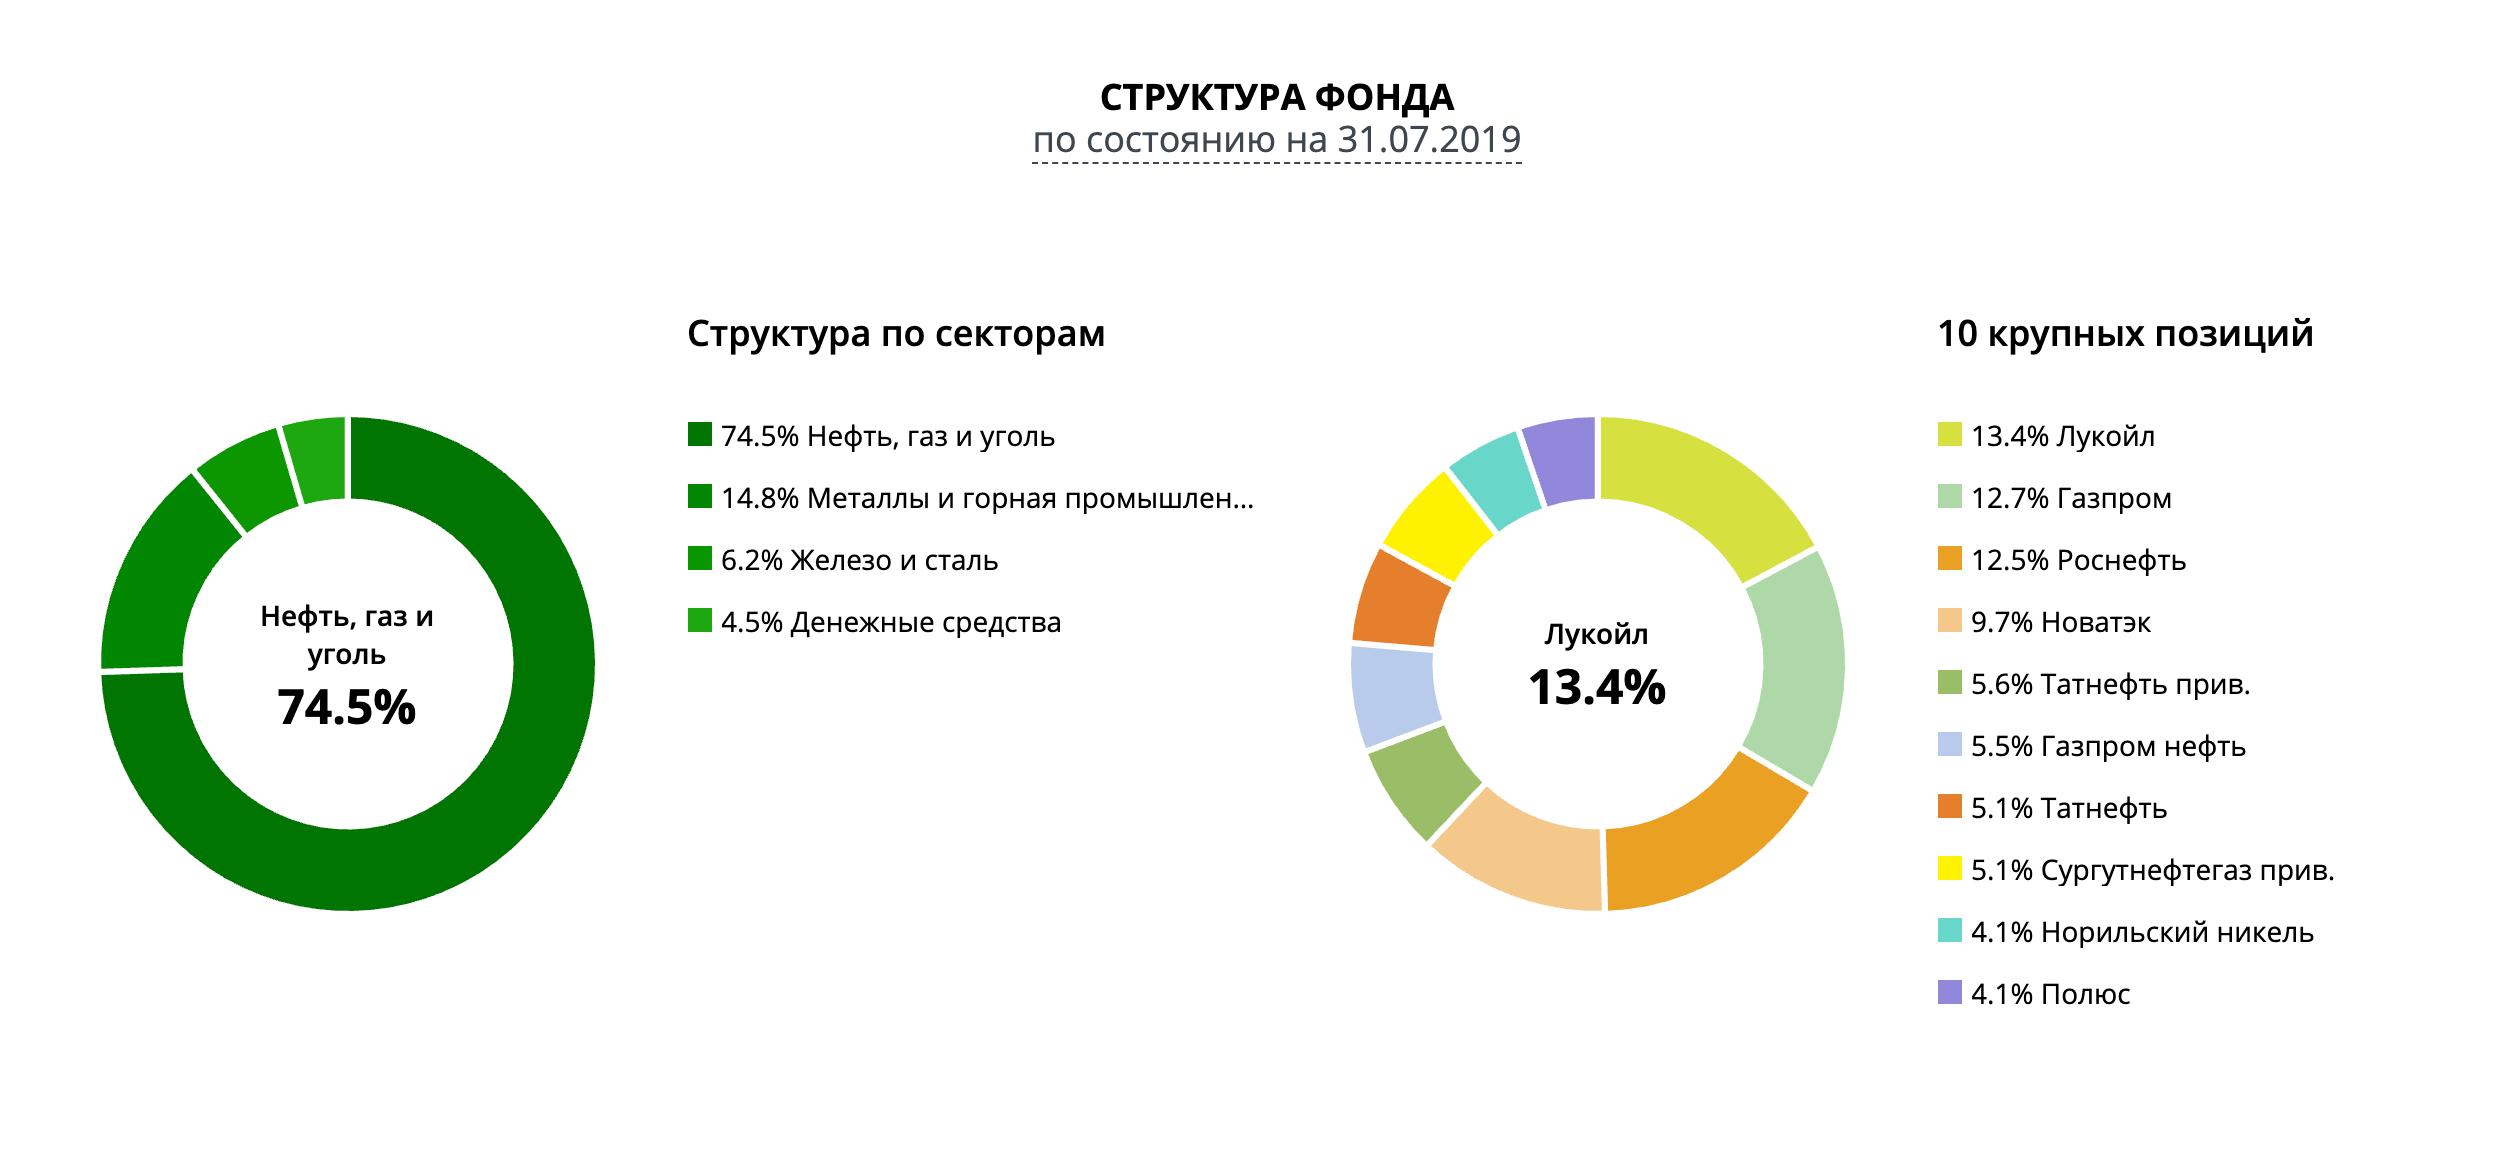 Структура фонда «Природные ресурсы» на сайте Сбербанка. Указаны только акции, которые занимают существенные доли — 23,8% здесь не отображены